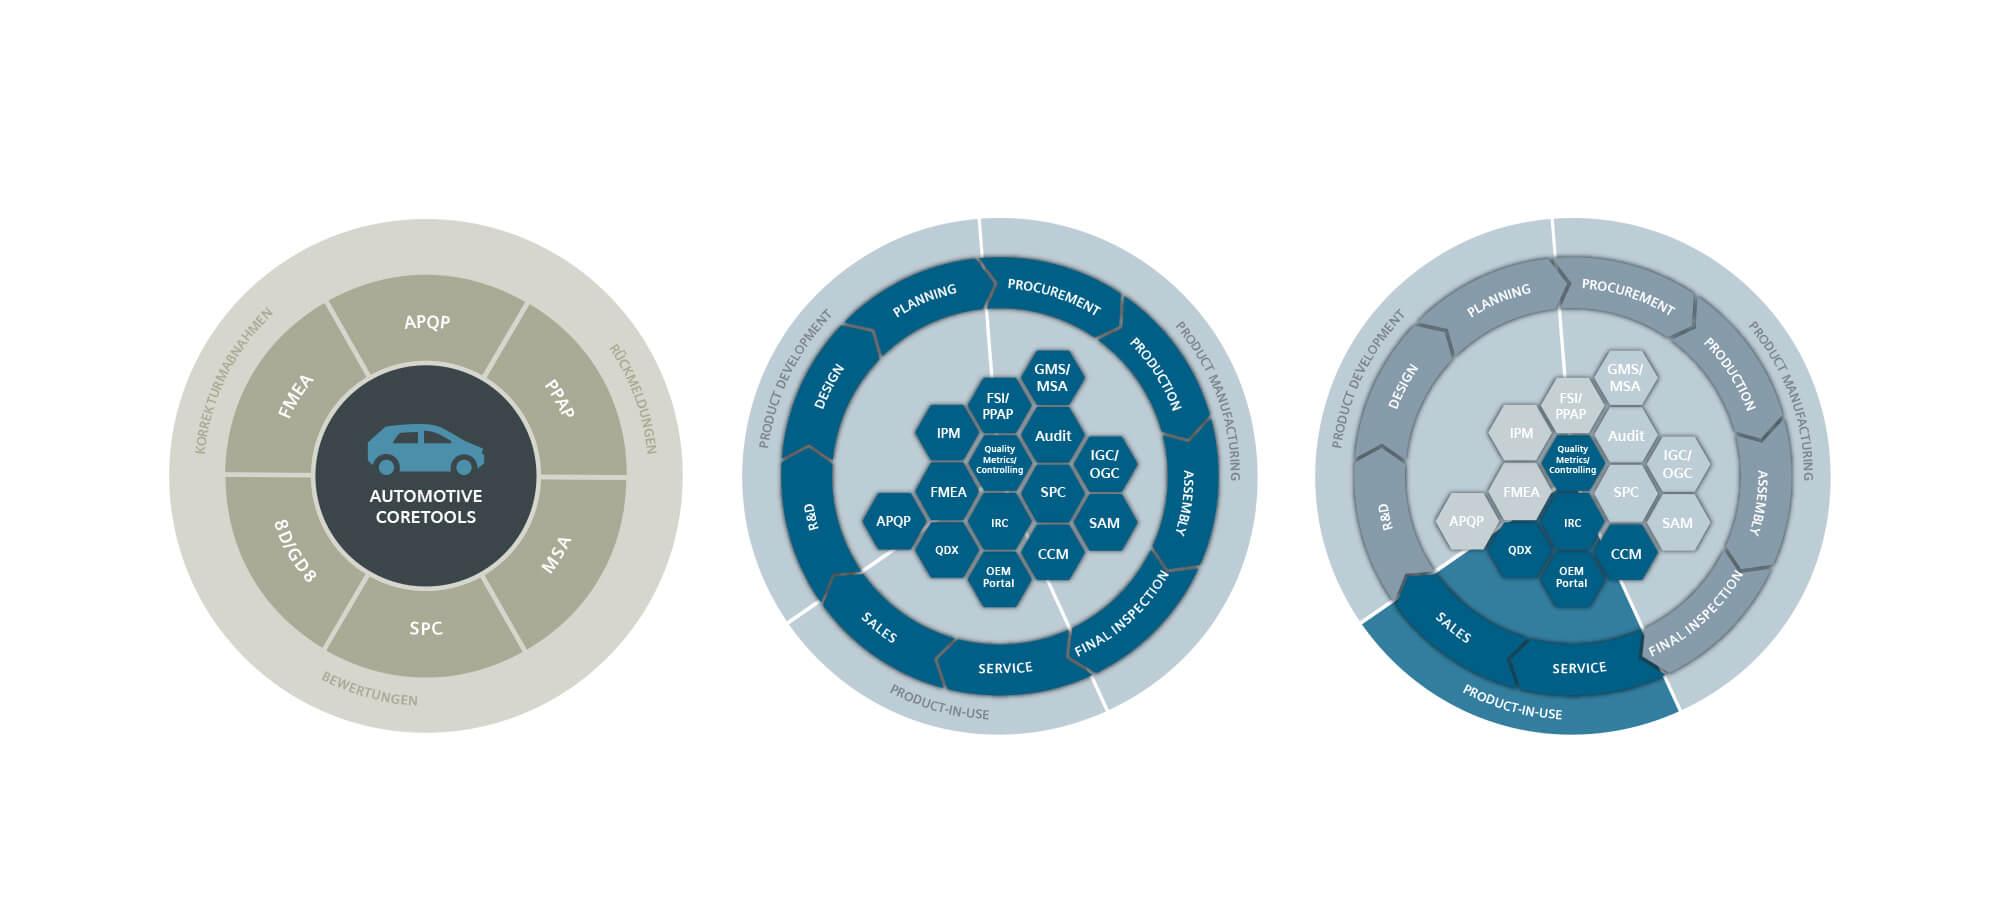 360VIER_Siemens_Case-Study_Graphics_0003_Modules Siemens Industry Software GmbH